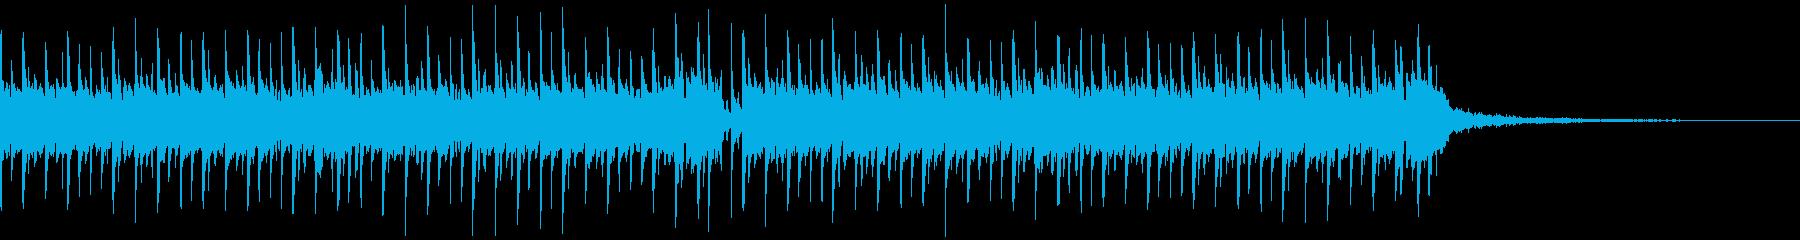 【30秒/メロなし】かっこいい和風EDMの再生済みの波形